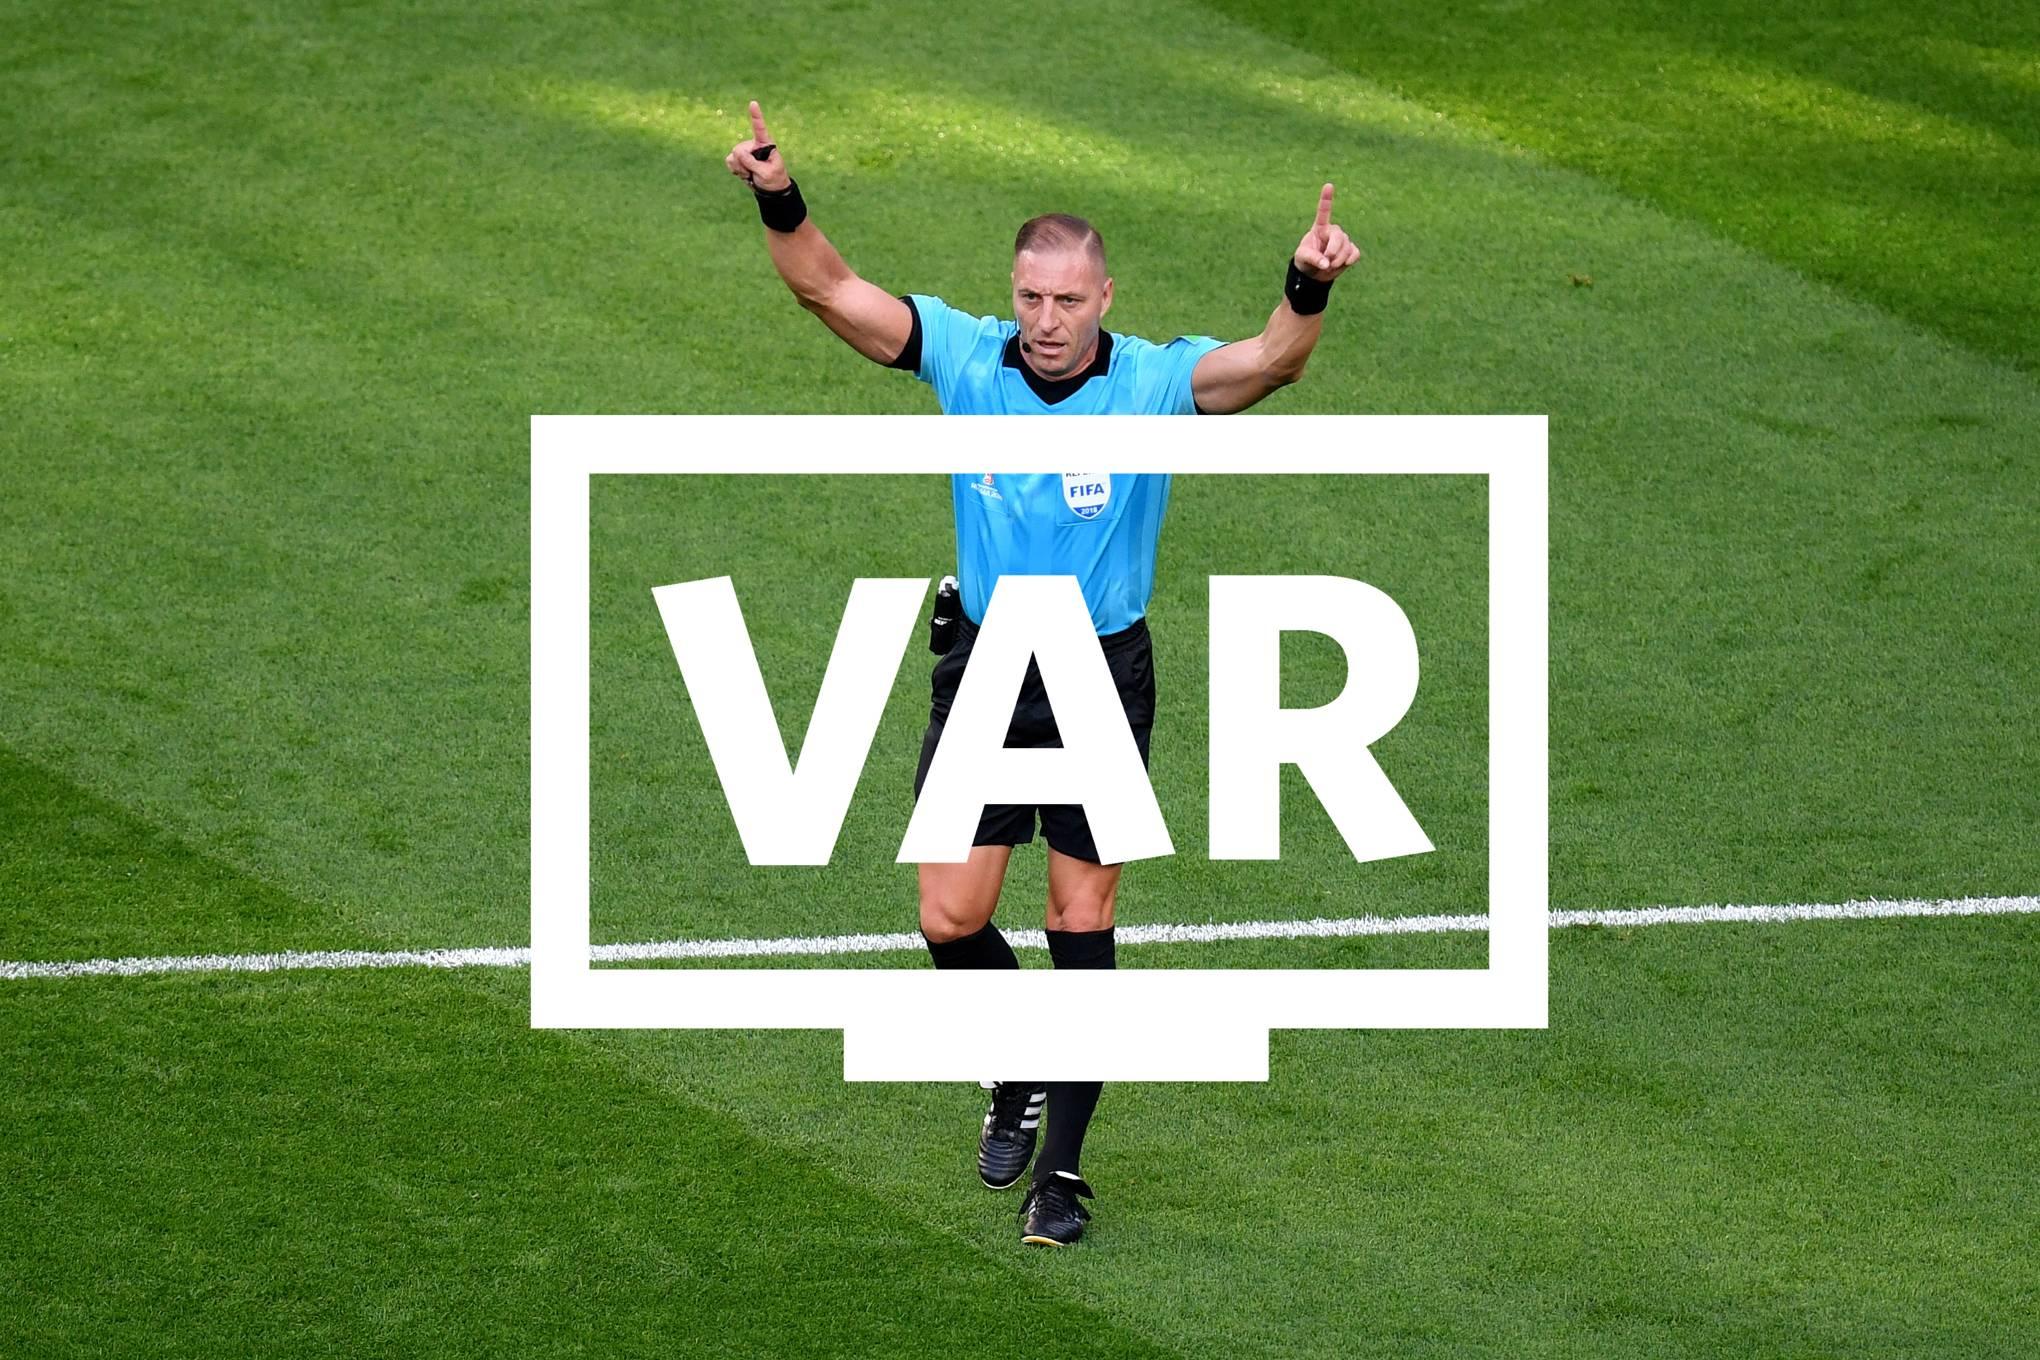 ВАР идва и в България, въвеждат го за плейофите в Първа лига 1